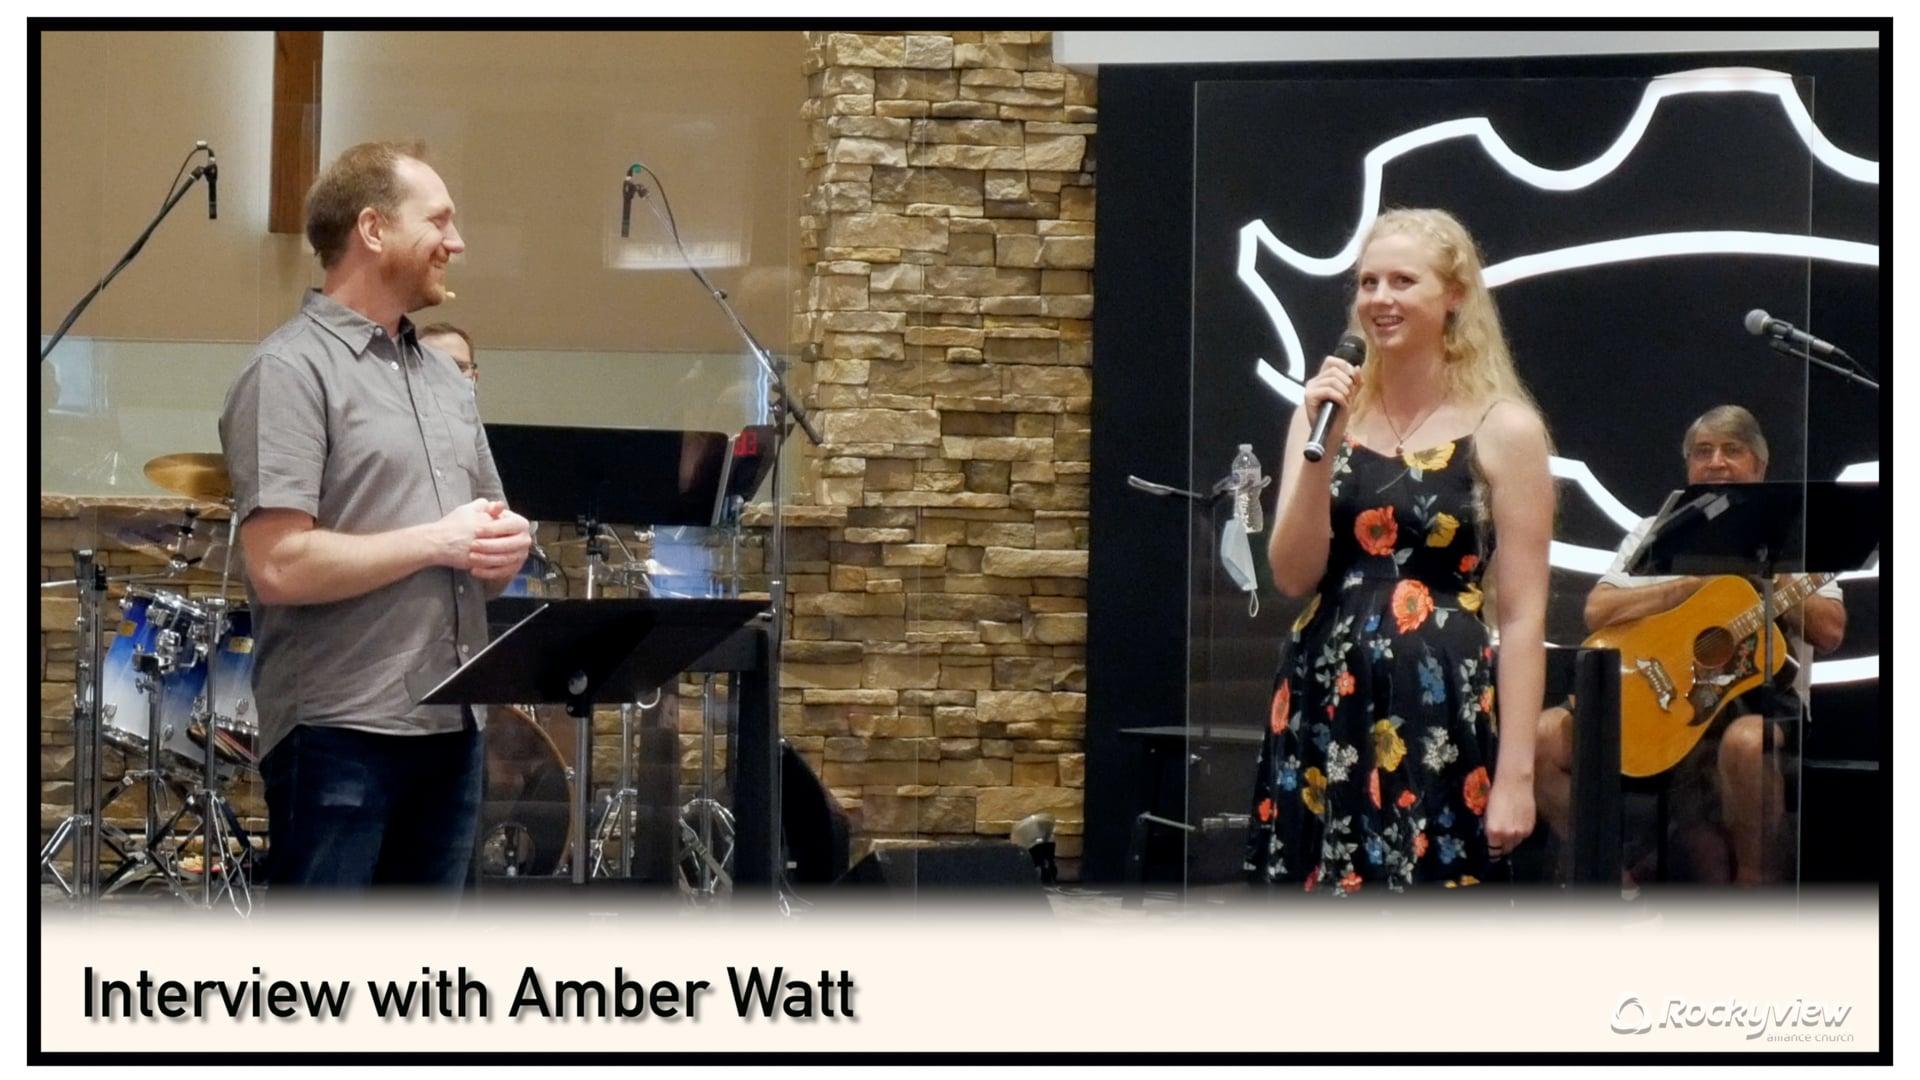 Pastor Scott Interview with Amber Watt